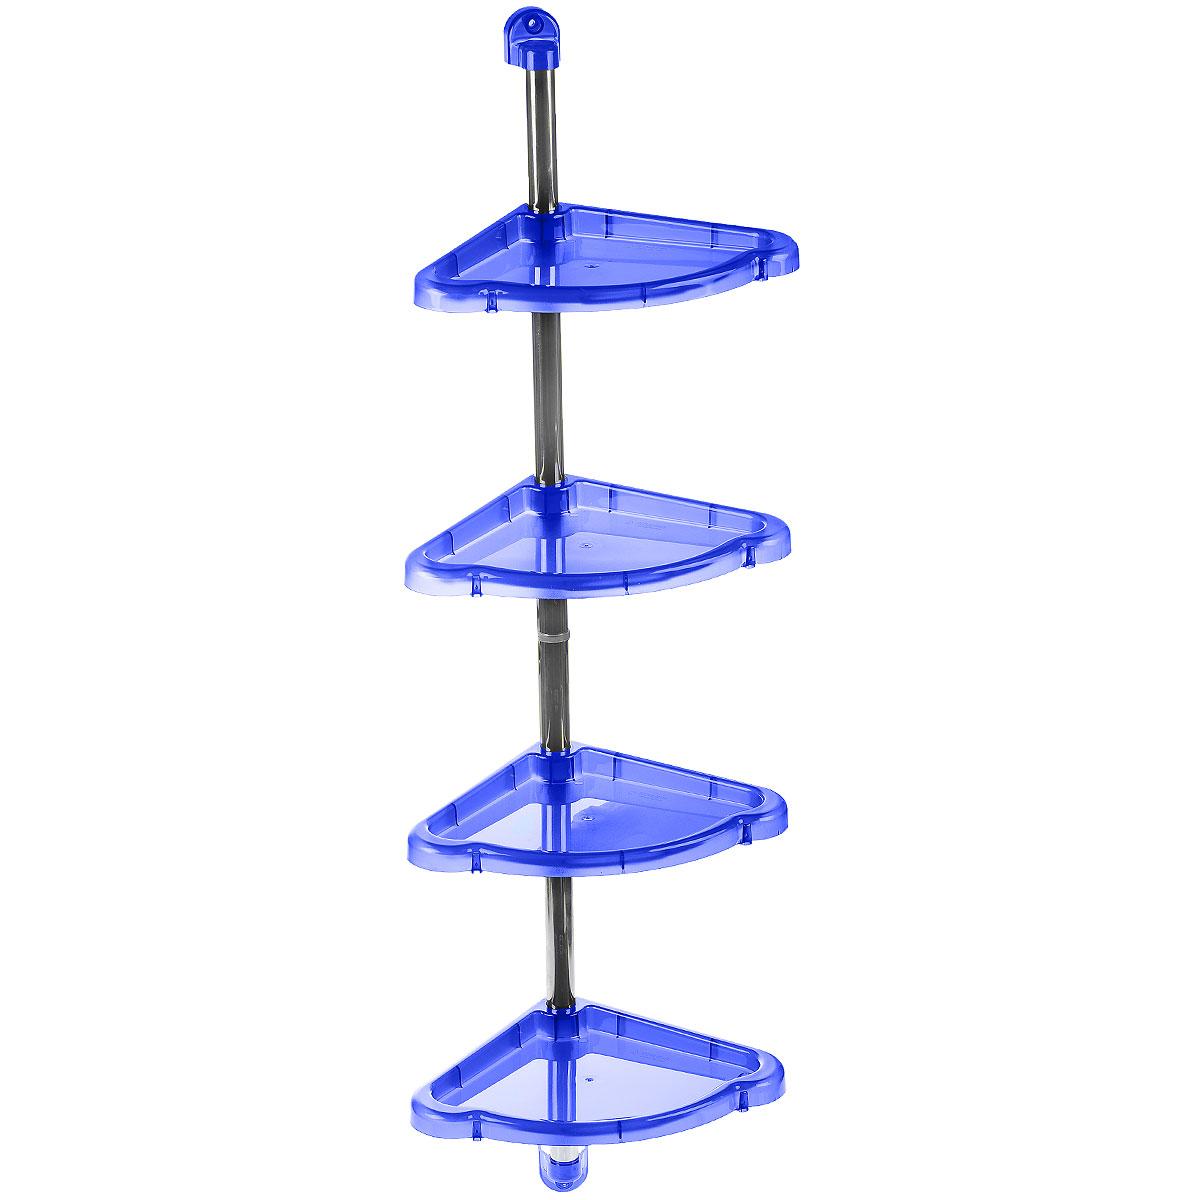 Этажерка угловая Berossi Elancia, 2-4-х ярусная, цвет: синий, 24 х 24 х 98,3 смNLED-426-3W-WУгловая этажерка Berossi Elancia выполнена из пластика и металла и предназначена для хранения различных предметов в ванной. Этажерка легко собирается и разбирается. Можно собрать как двухъярусную, так и четырехъярусную этажерку. У каждой полки по переферии есть небольшие отверстия, предназначенные для стекания воды. Этажерка придется особенно кстати, если у вас небольшая ванная: она займет минимум пространства. Размер 4-х ярусной этажерки (ДхШхВ): 24 см х 24 см х 98,3 см. Размер 2-х ярусной этажерки (ДхШхВ): 24 см х 24 см х 53,6 см.